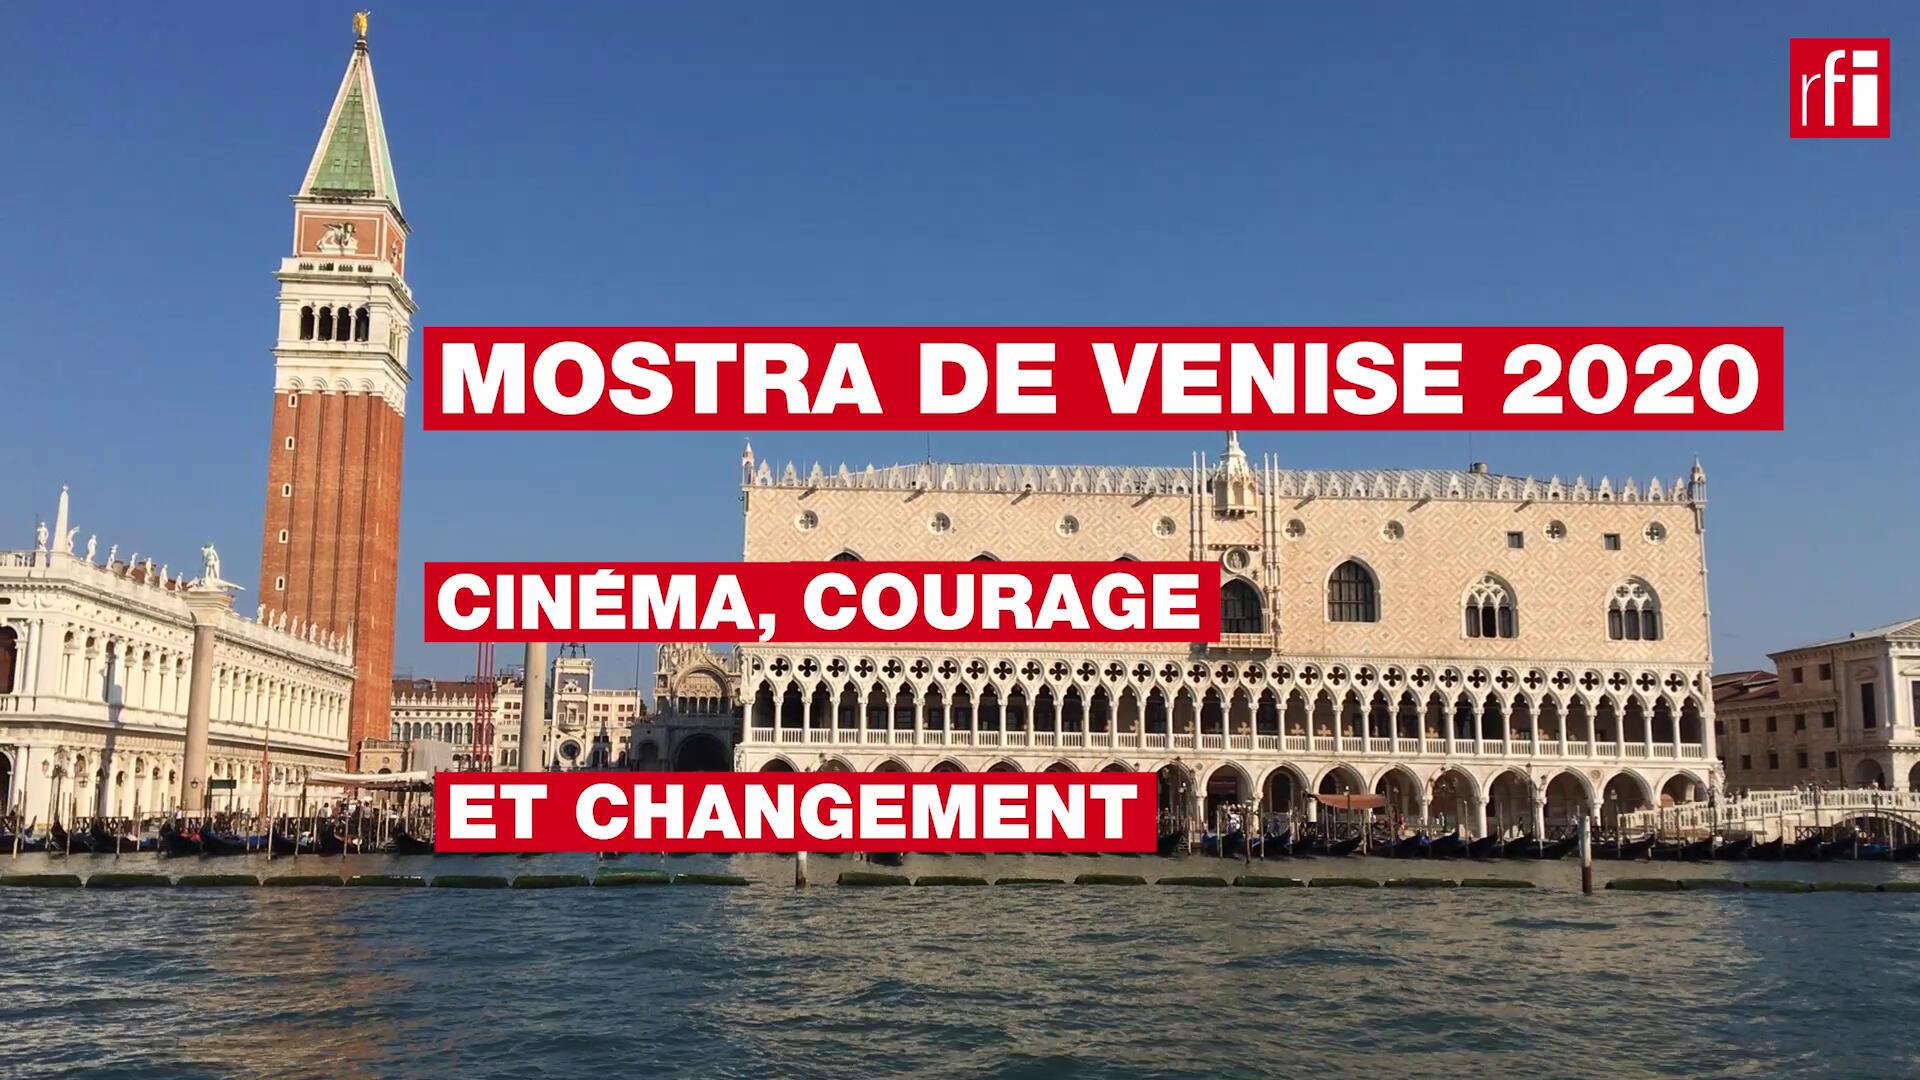 Un bilan très inattendu pour la Mostra de Venise 2020, le plus ancien festival de cinéma du monde.